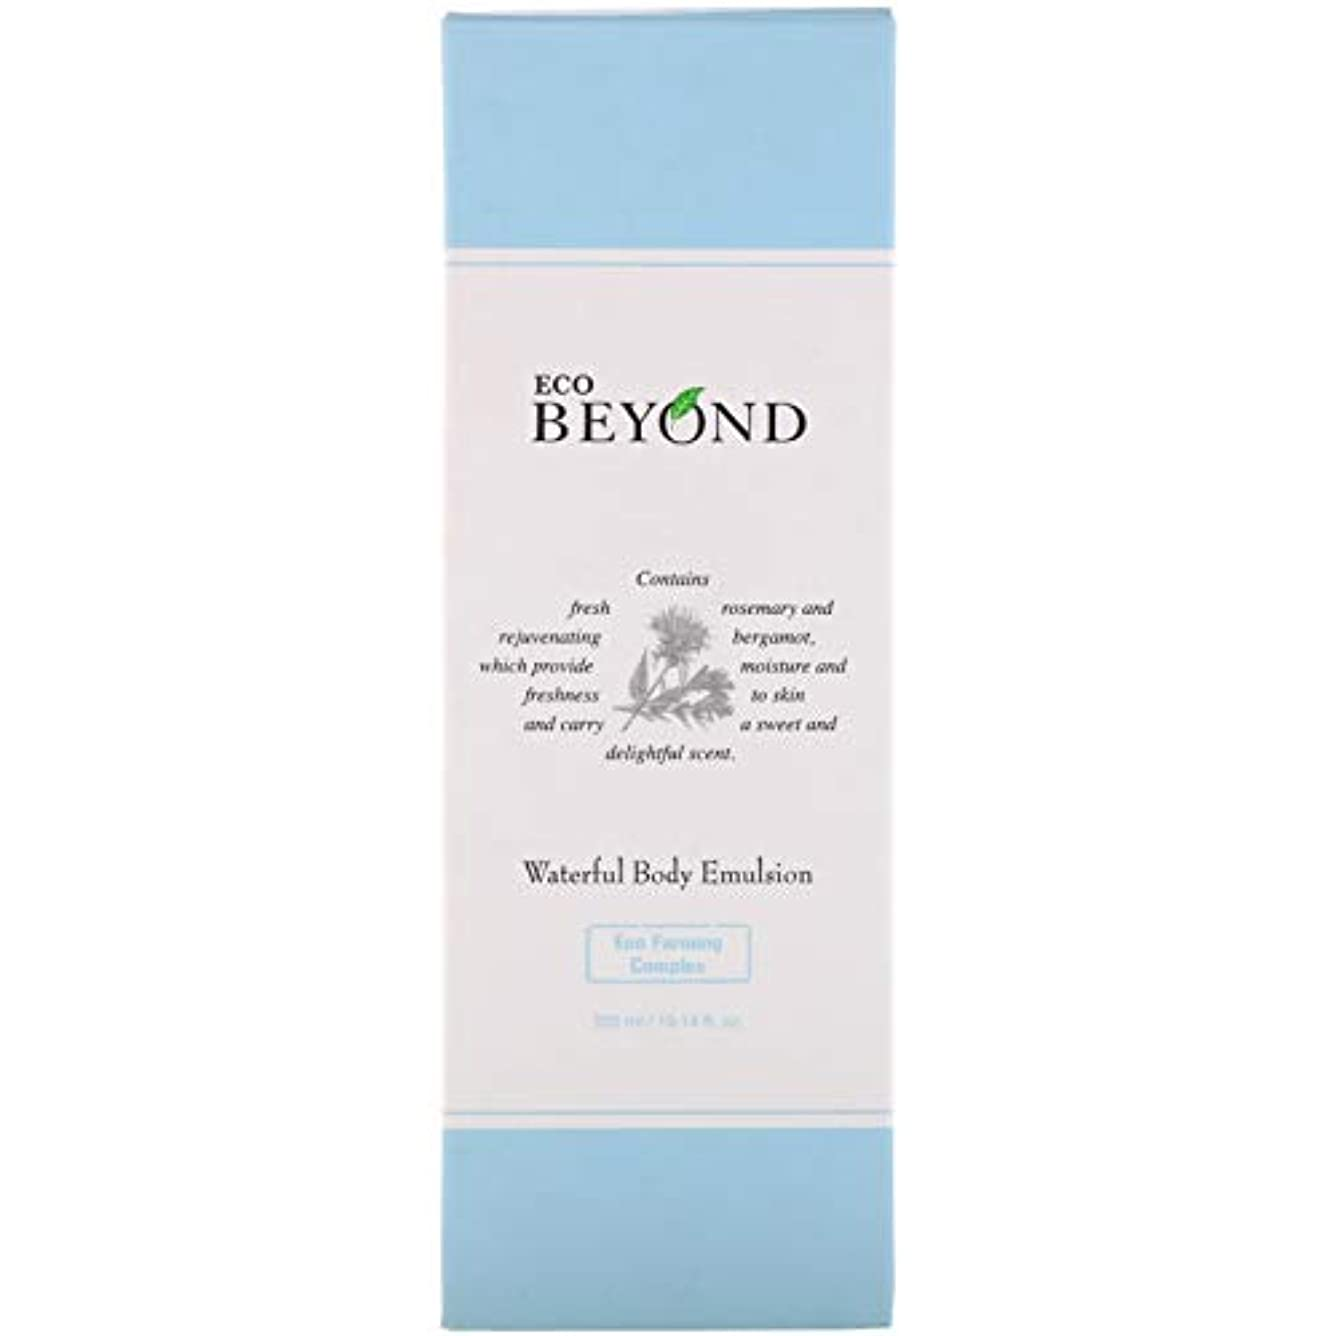 カーテン州キャロライン[ビヨンド] BEYOND [ウォーターフル ボディ エマルジョン 300ml] Waterful Body Emulsion 300ml [海外直送品]